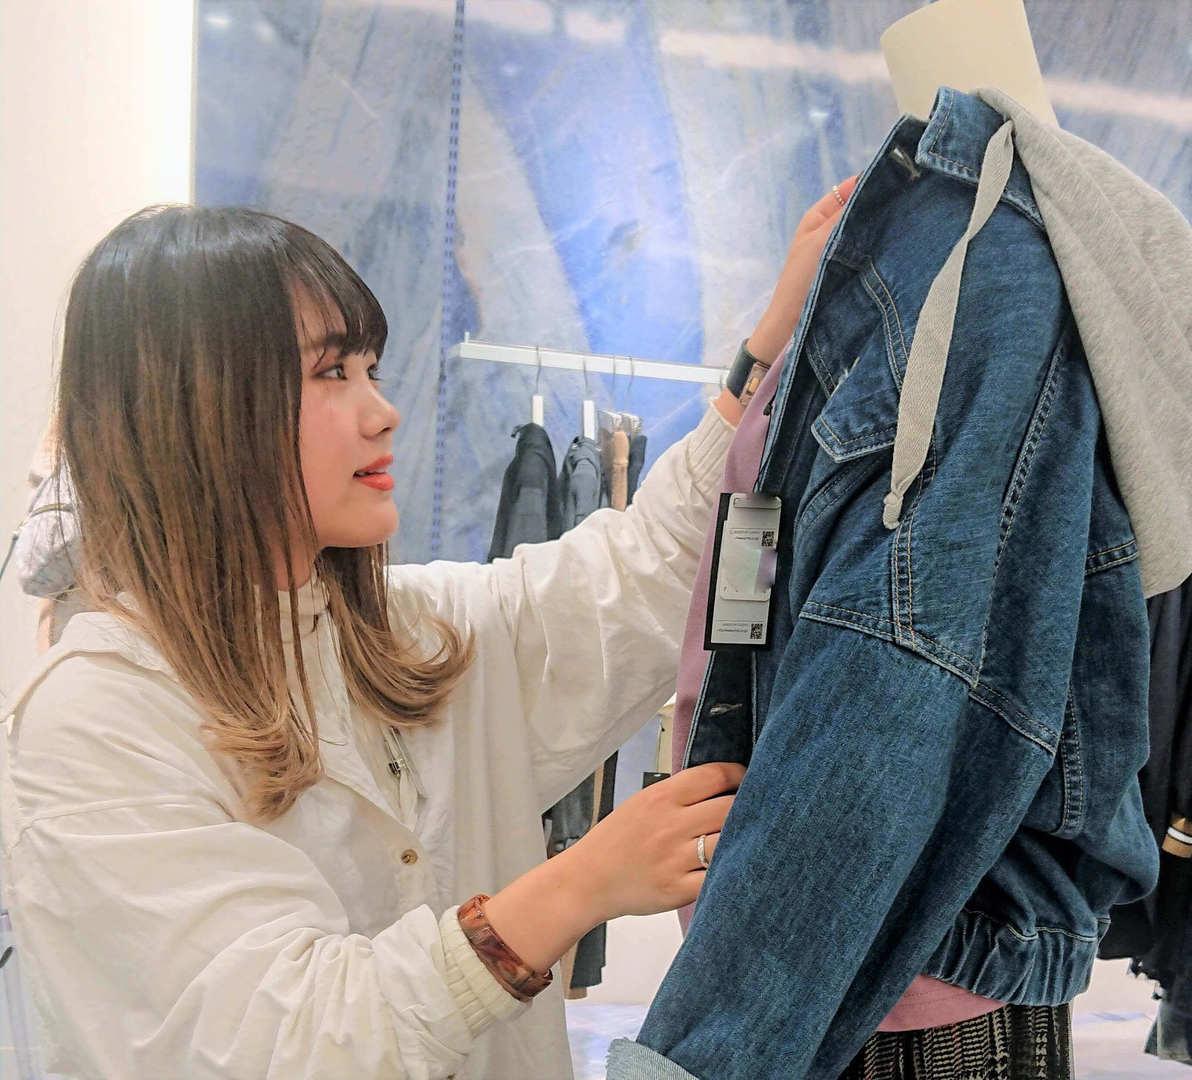 ★茨城★自分らしさを大切にした接客スタイルで働けるファッションアドバイザー募集のカバー写真